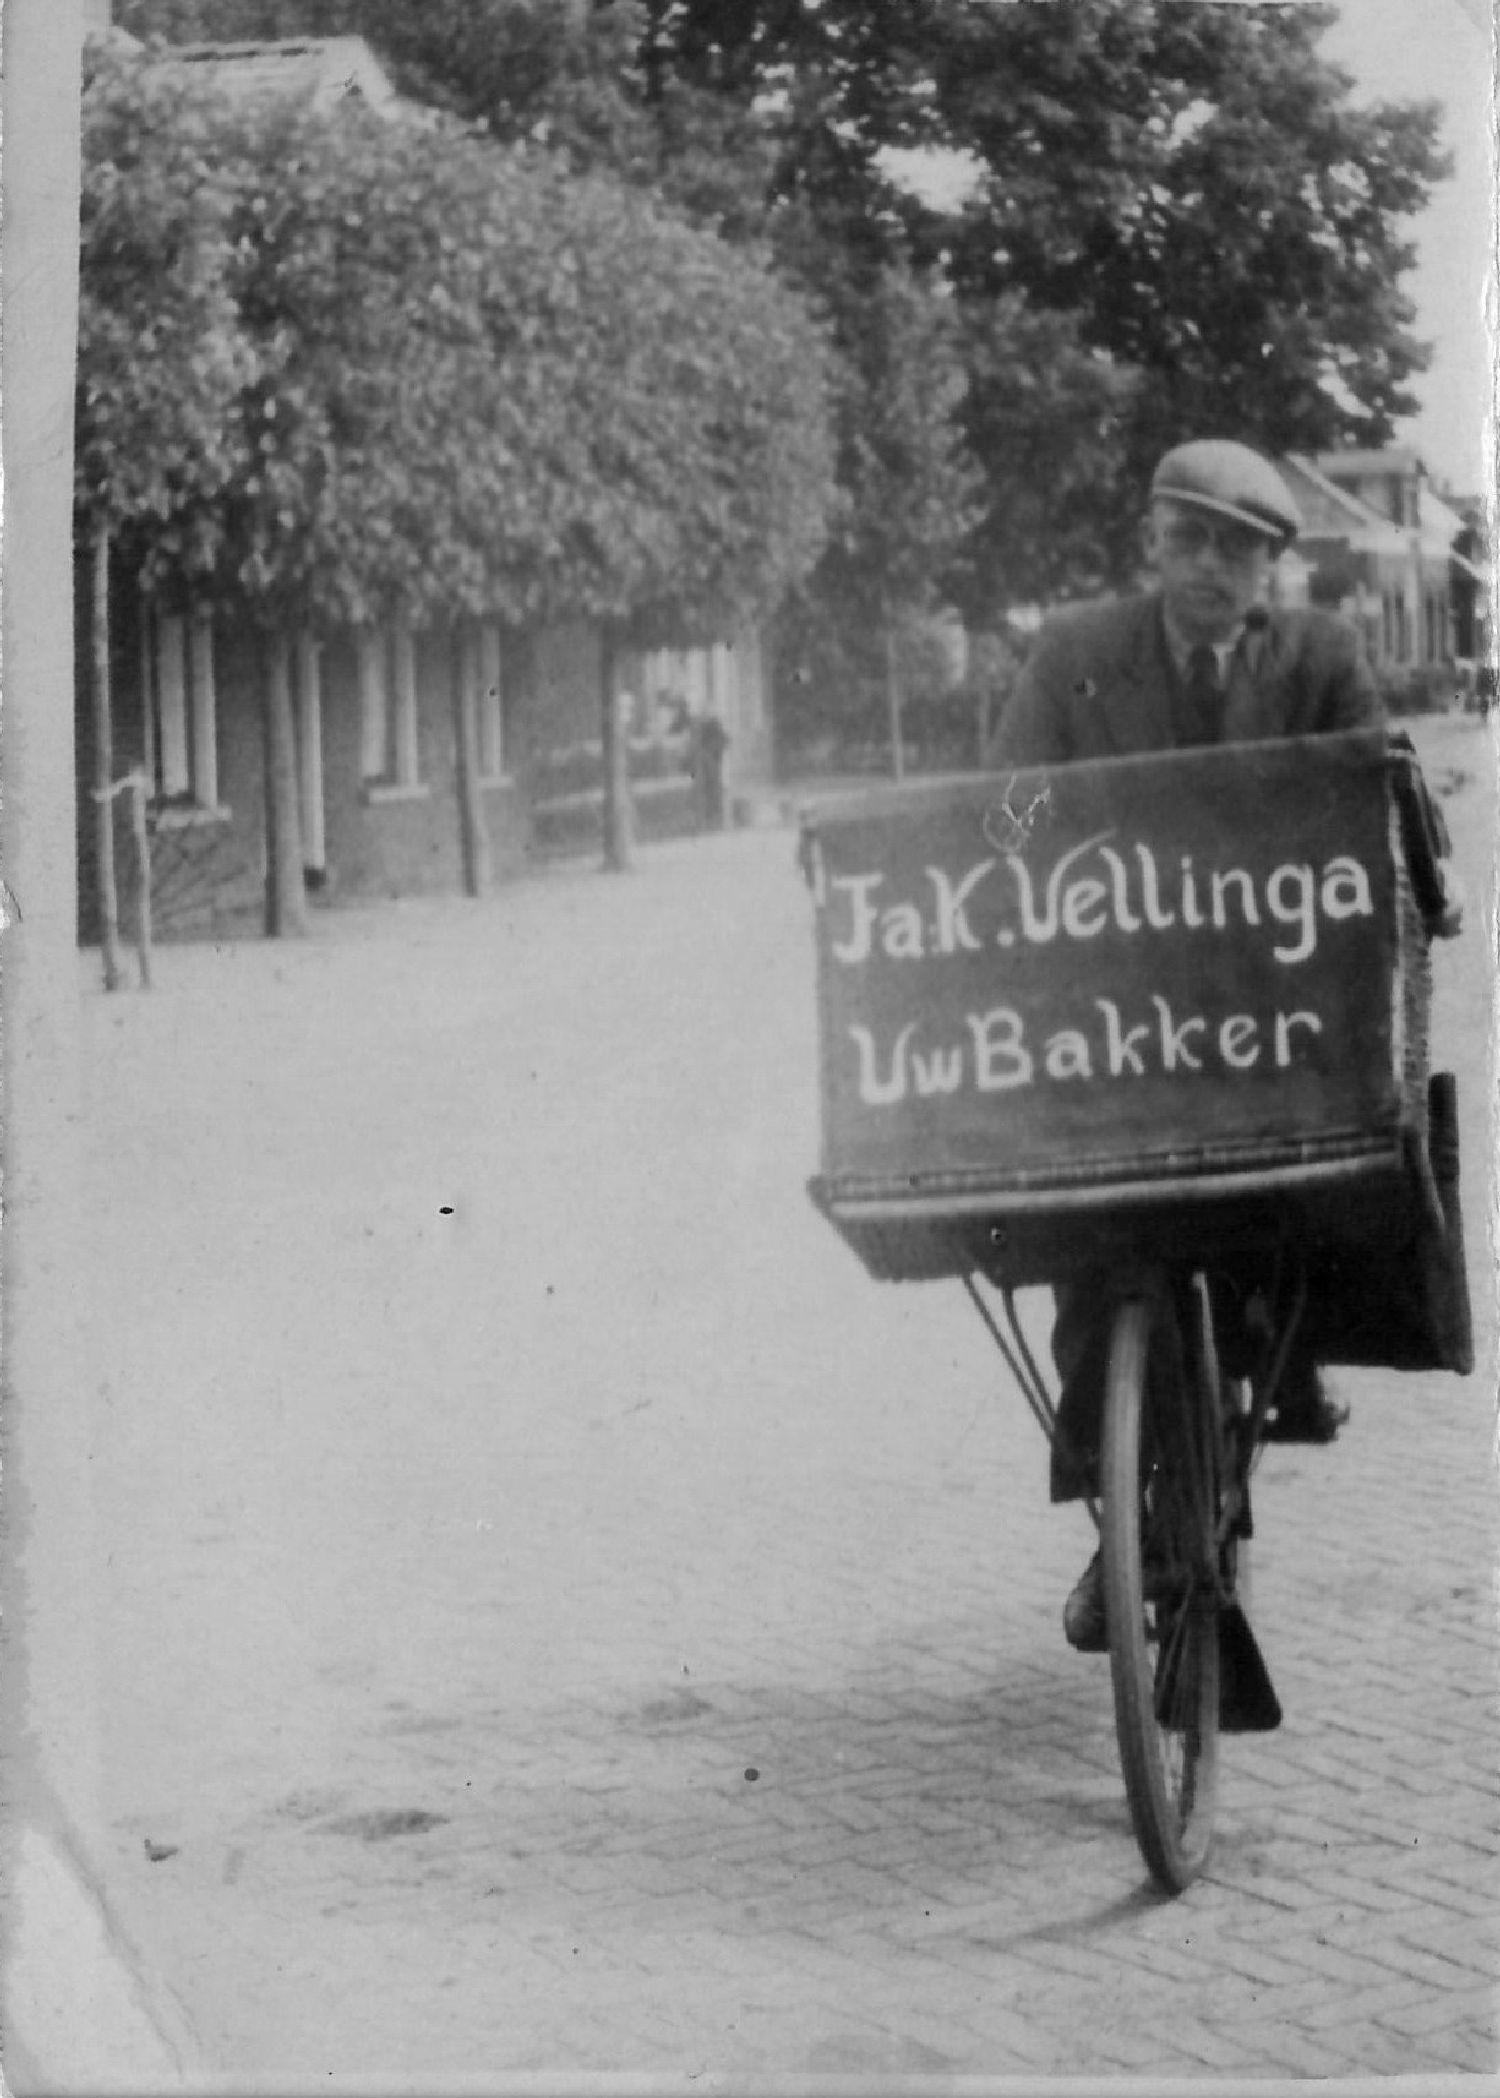 J-K-Vellinga-Uw-Bakker-Surhuisterveen